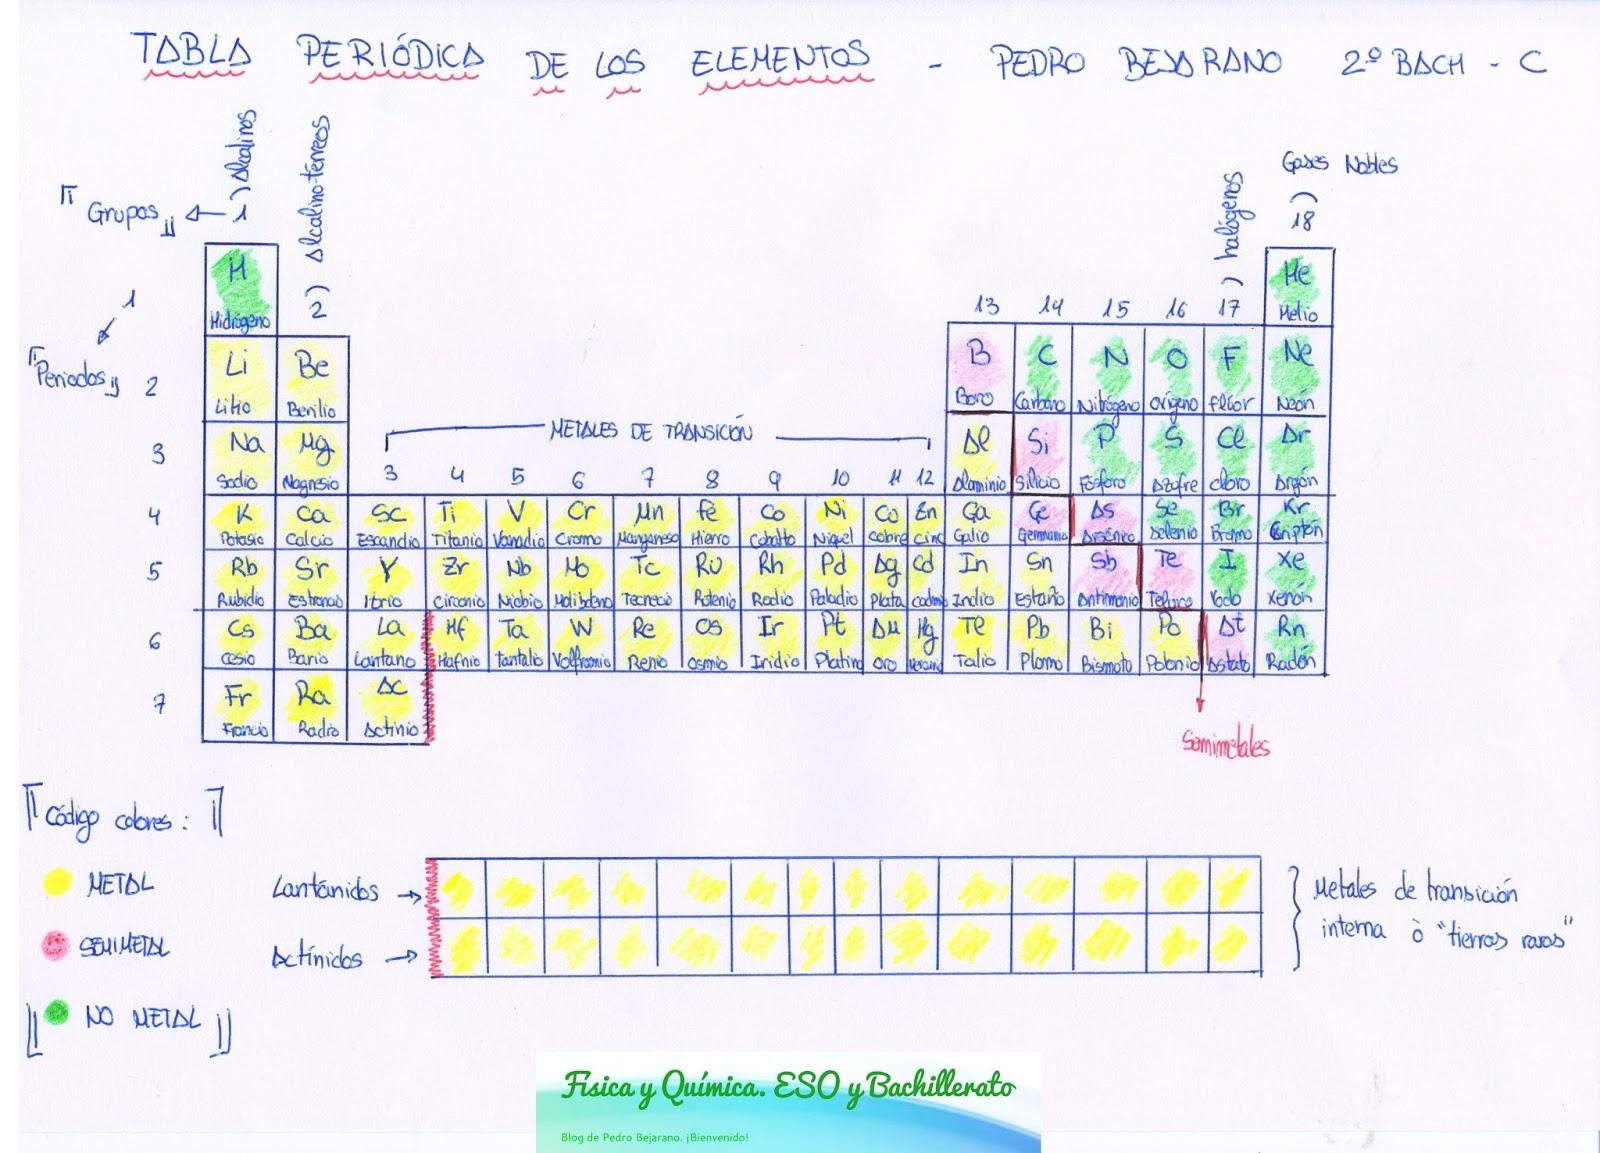 Fsica y qumica eso y bachillerato tabla peridica de los elementos para comenzar os dejo la tabla peridica que hay que sabrsela ya posteriormente la ampliaremos con las valencias y estados de oxidacin urtaz Images